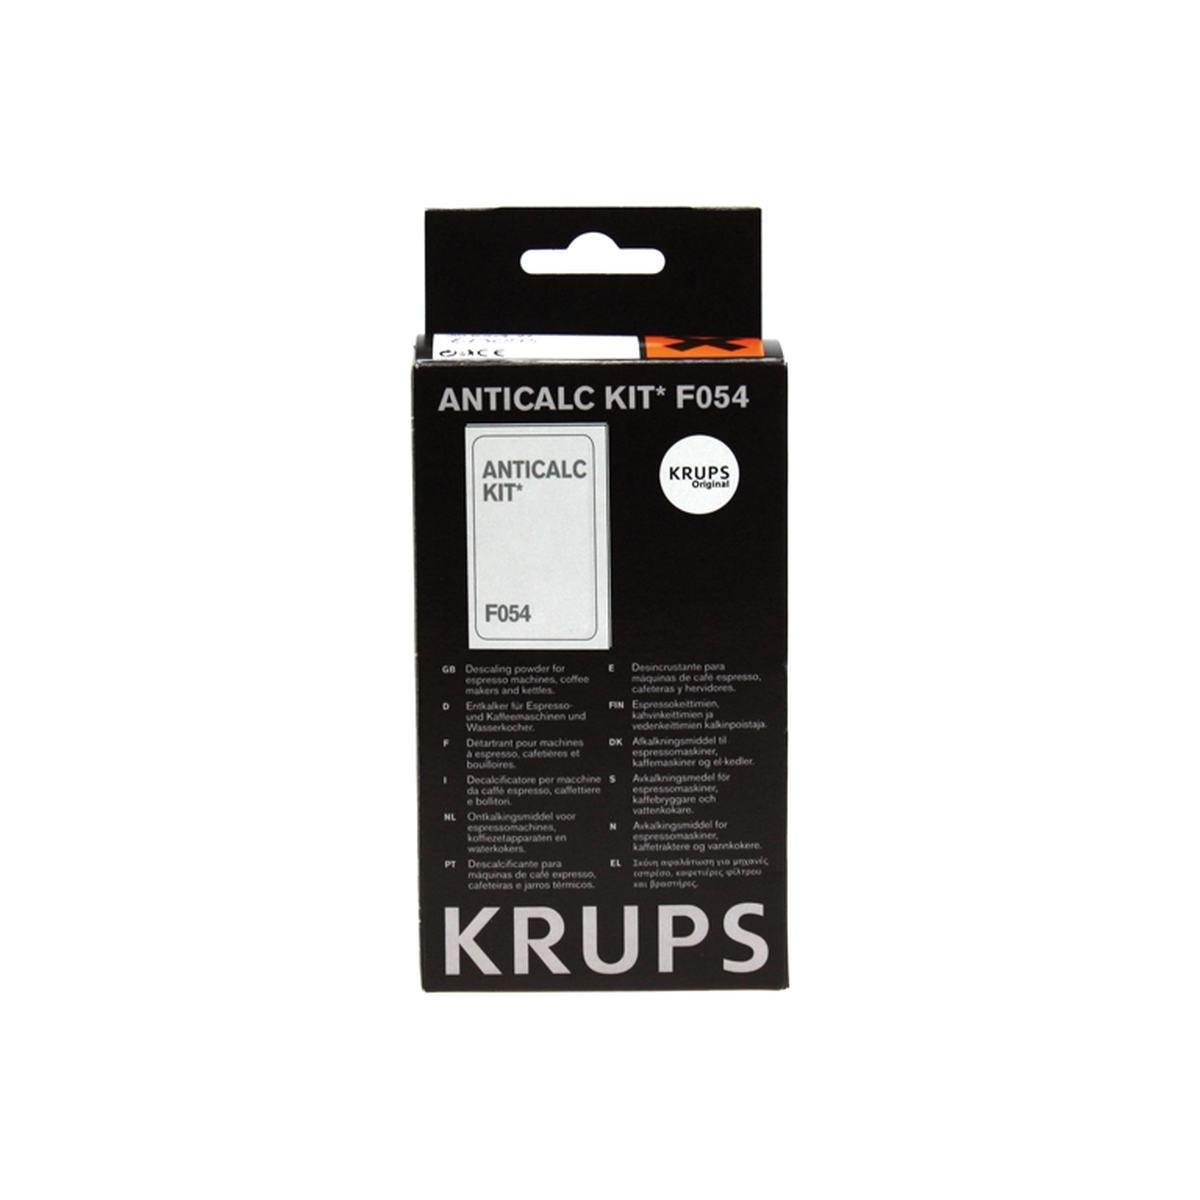 Afkalker Anticalc Kit F054 2 x 40 gram + 1 teststr